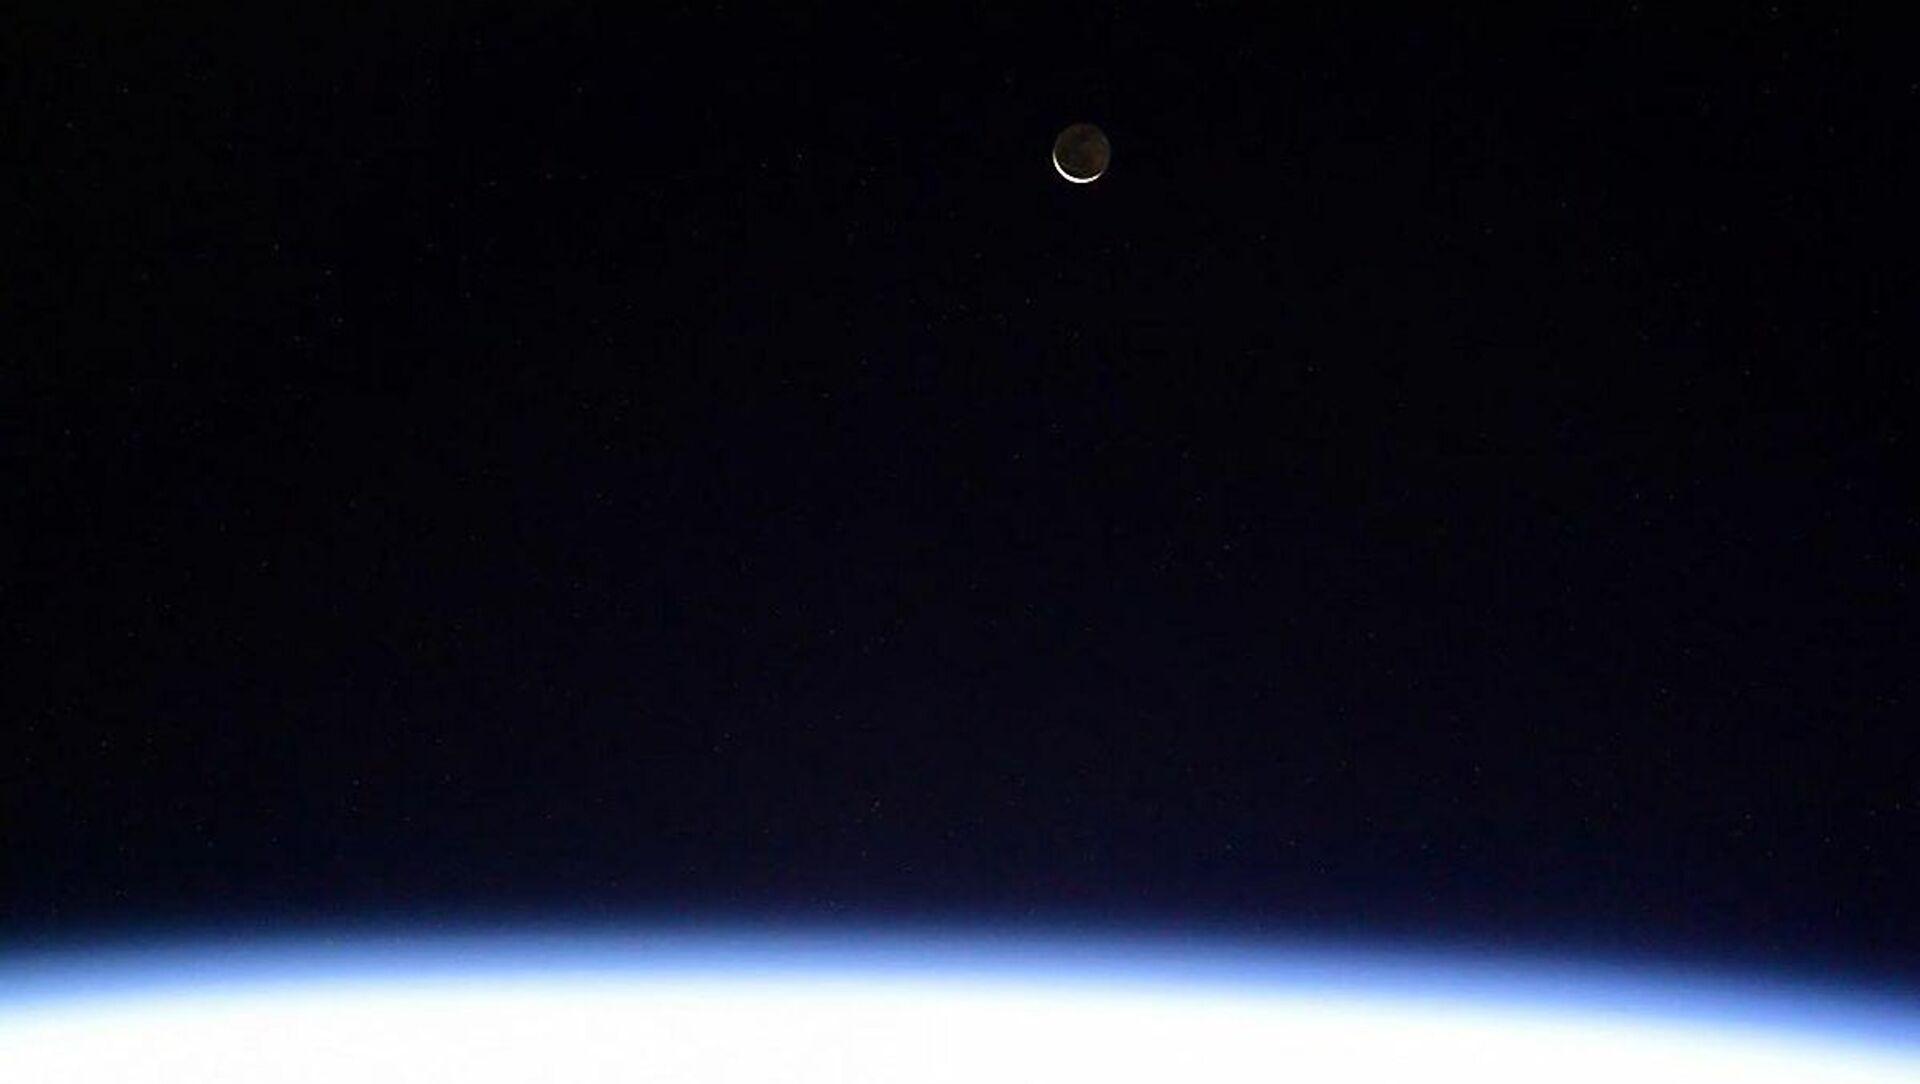 月 - Sputnik 日本, 1920, 10.03.2021